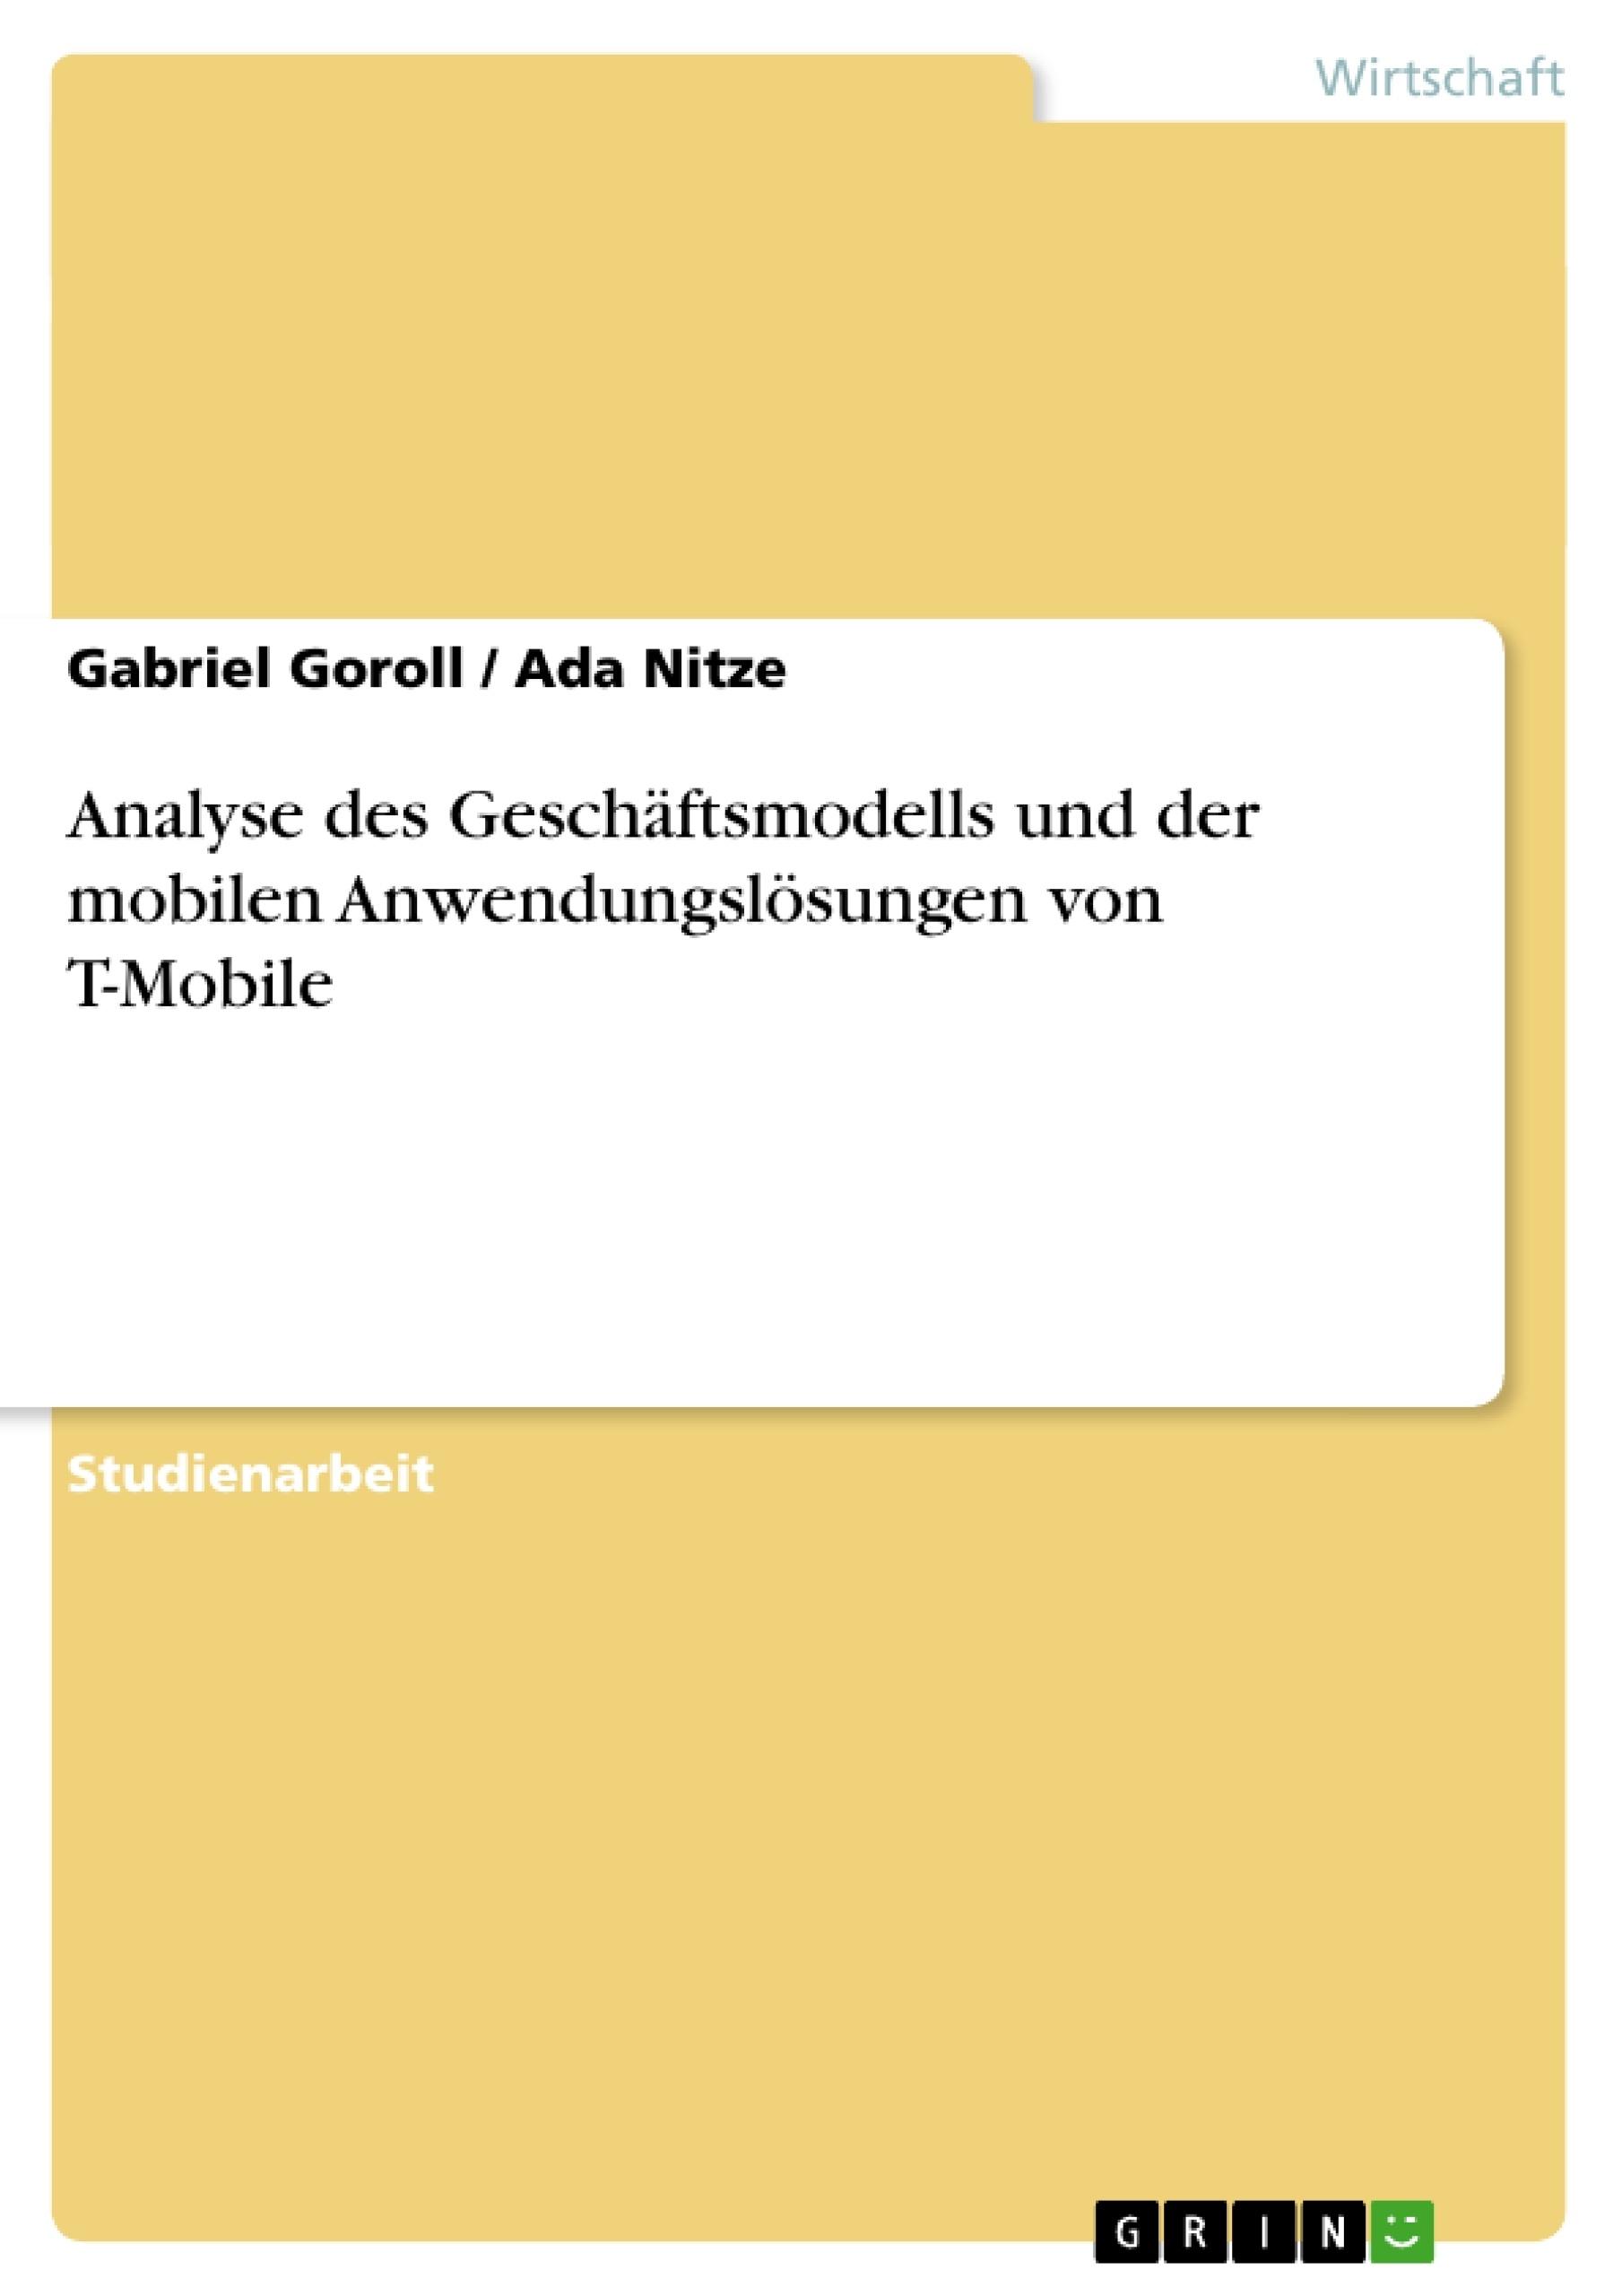 Titel: Analyse des Geschäftsmodells und der mobilen Anwendungslösungen von  T-Mobile